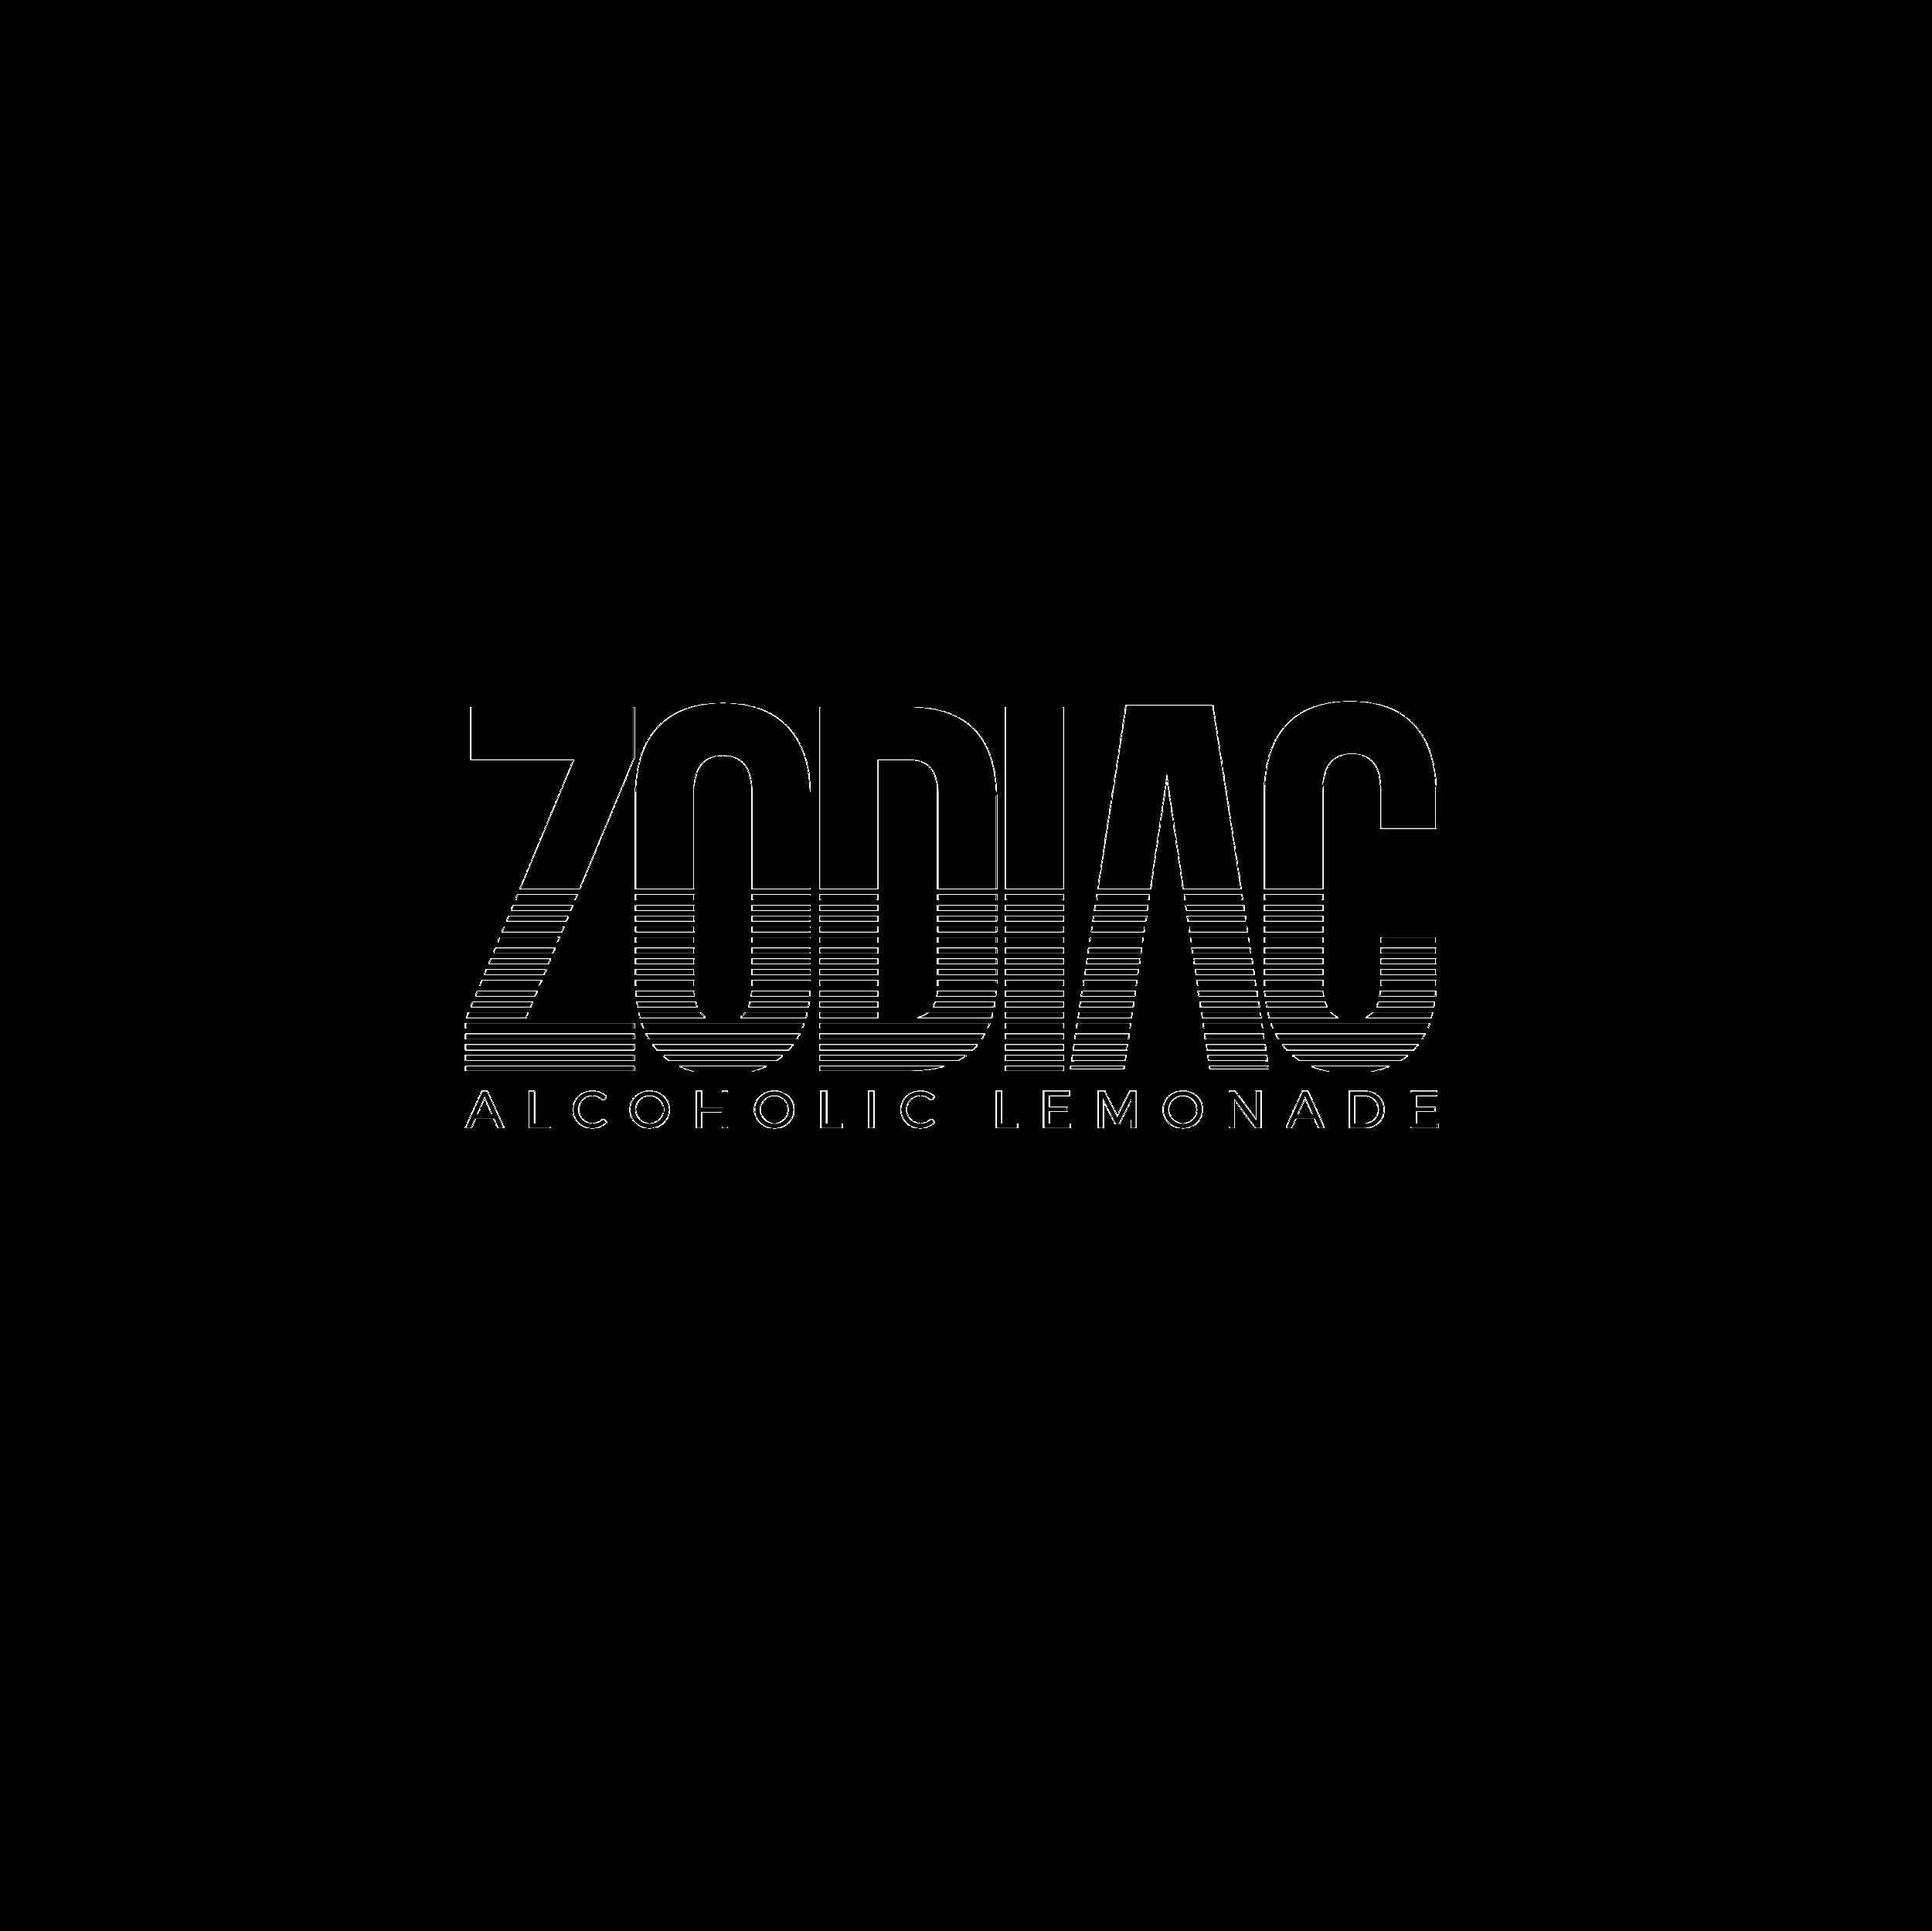 Zodiac Logo-3 copy 2.png